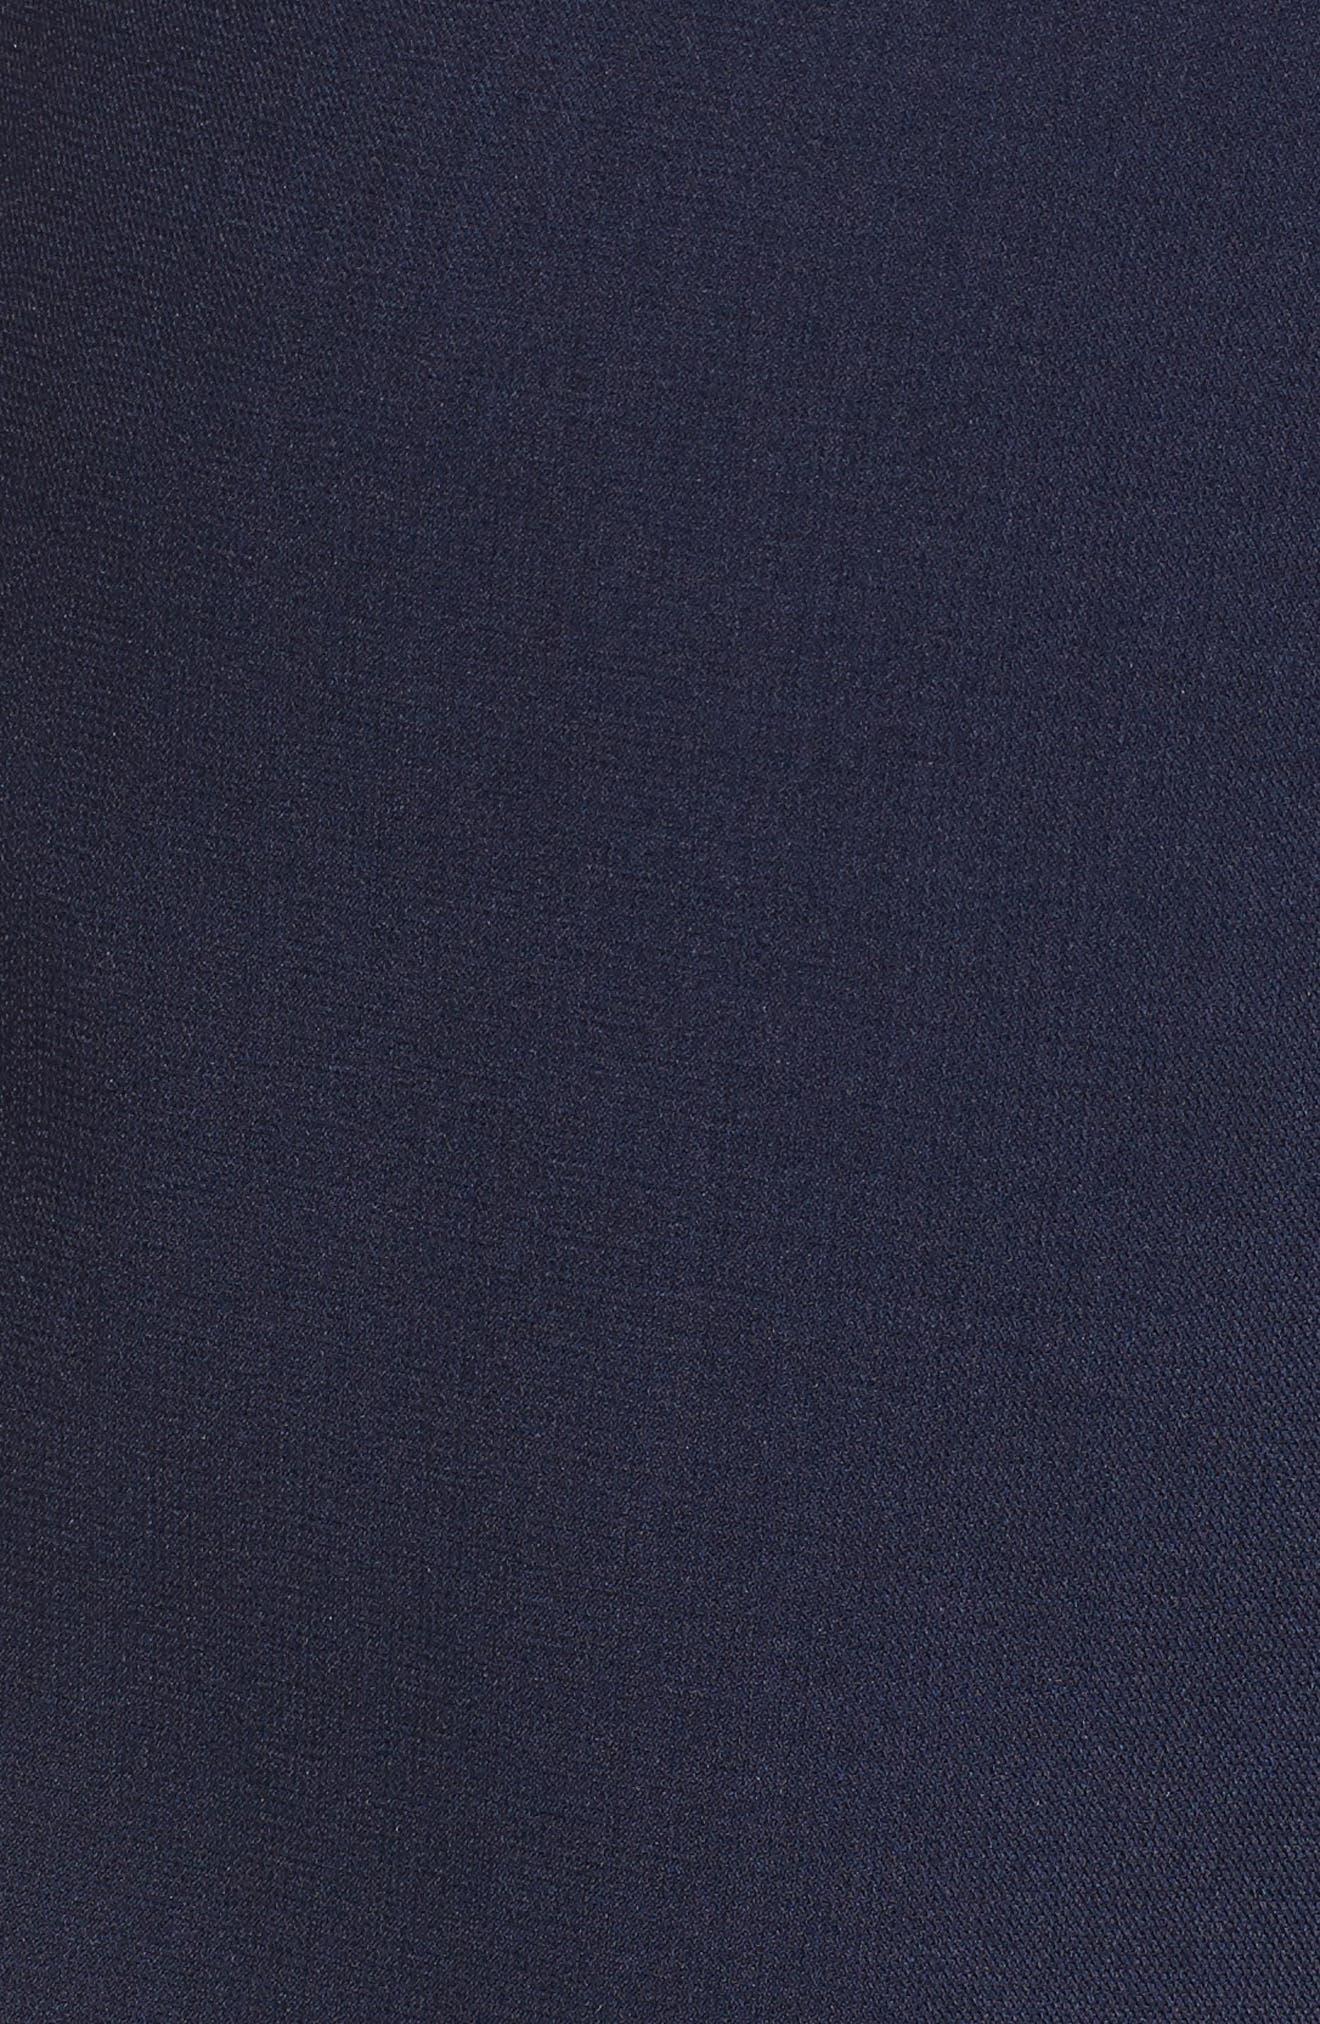 Tie Front Pants,                             Alternate thumbnail 5, color,                             411